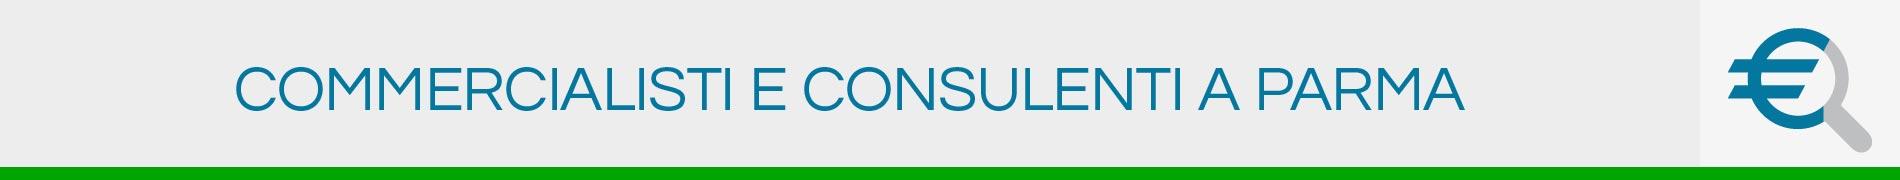 Commercialisti e Consulenti a Parma